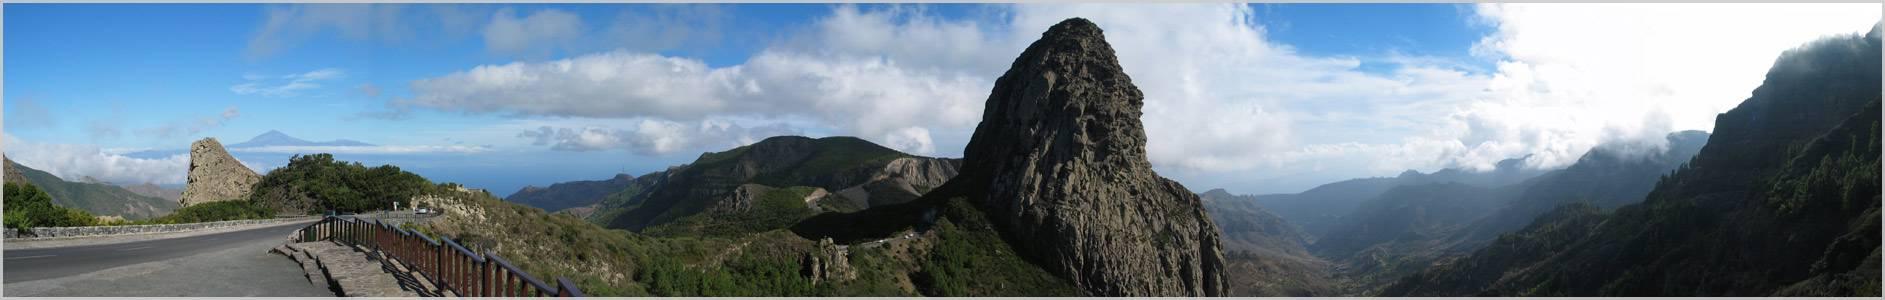 Auf Gomera - diesmal 1885 Pixel breit